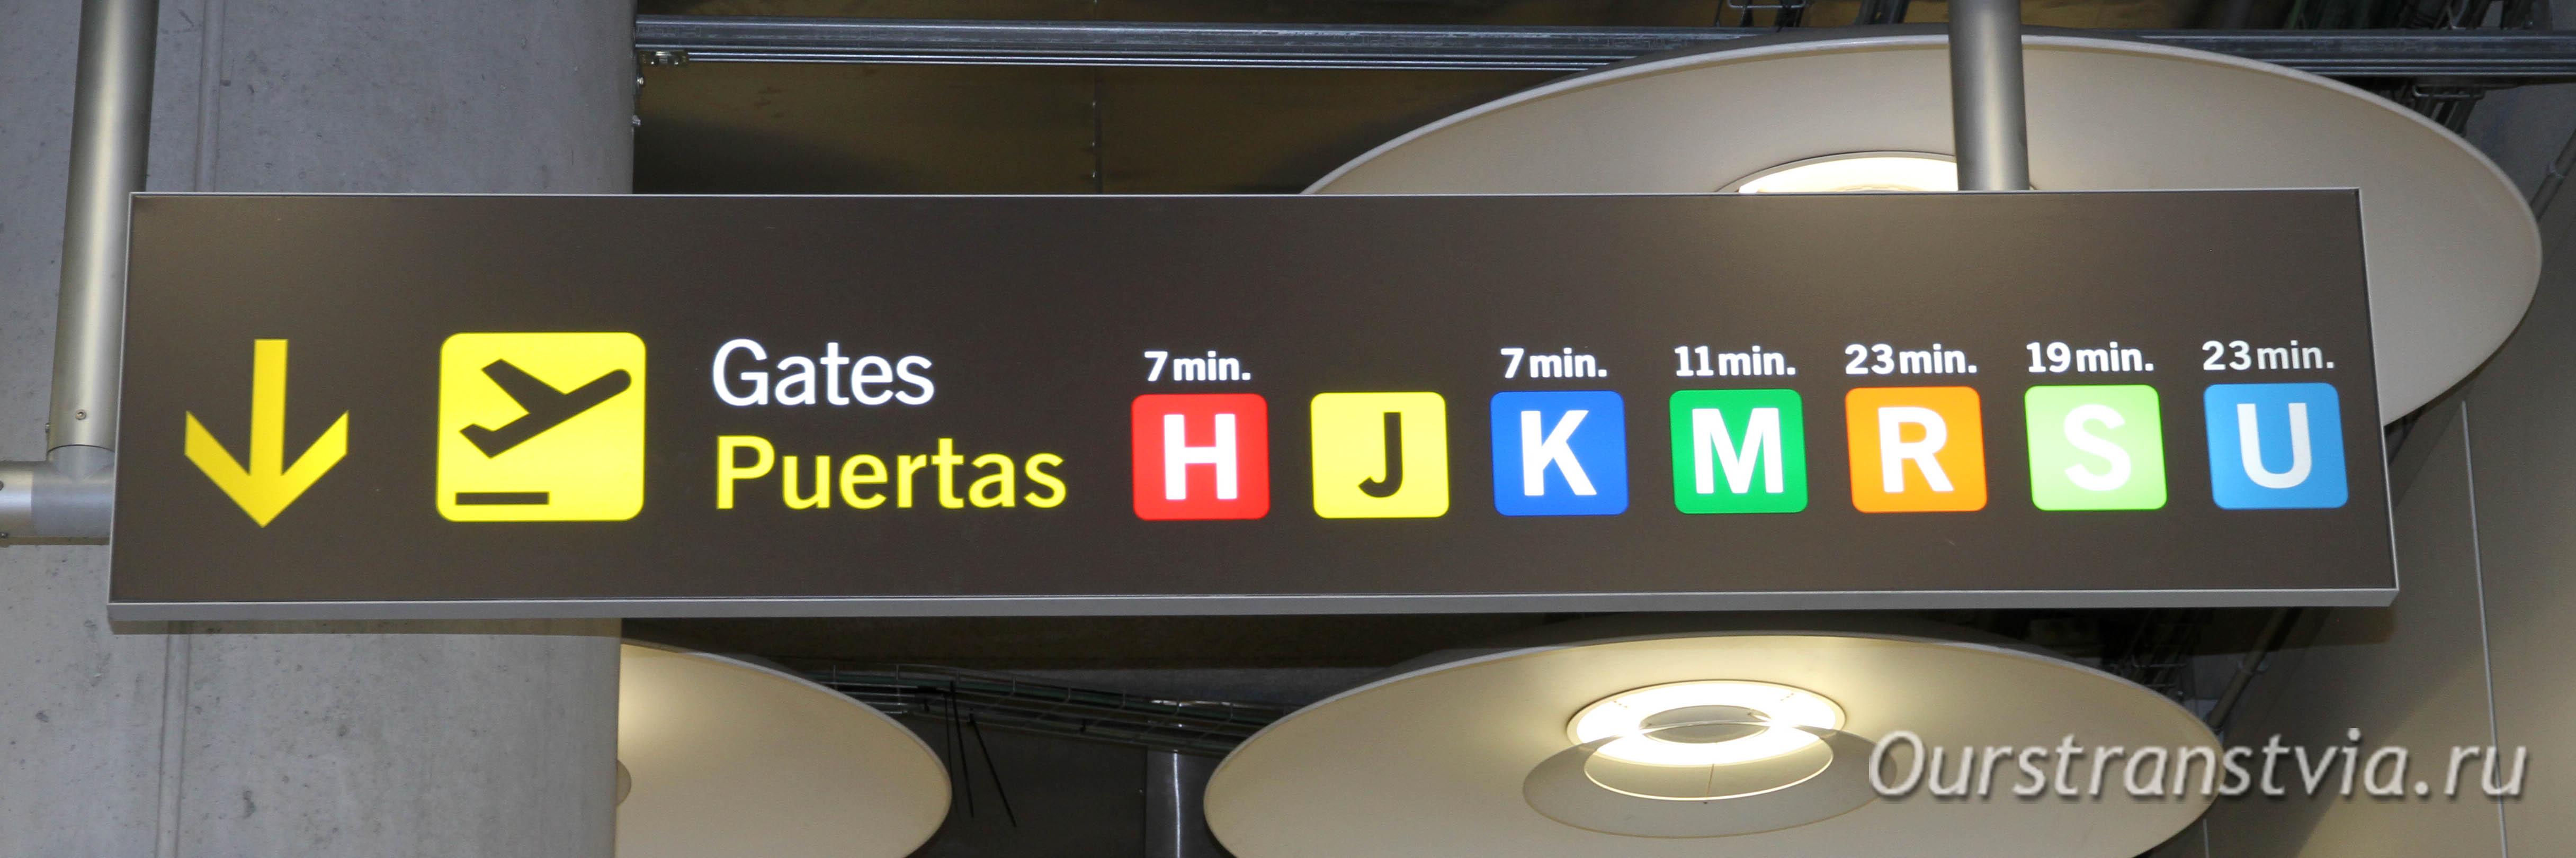 Время на переход между терминалами и к выходам на посадку в аэропорту Мадрида